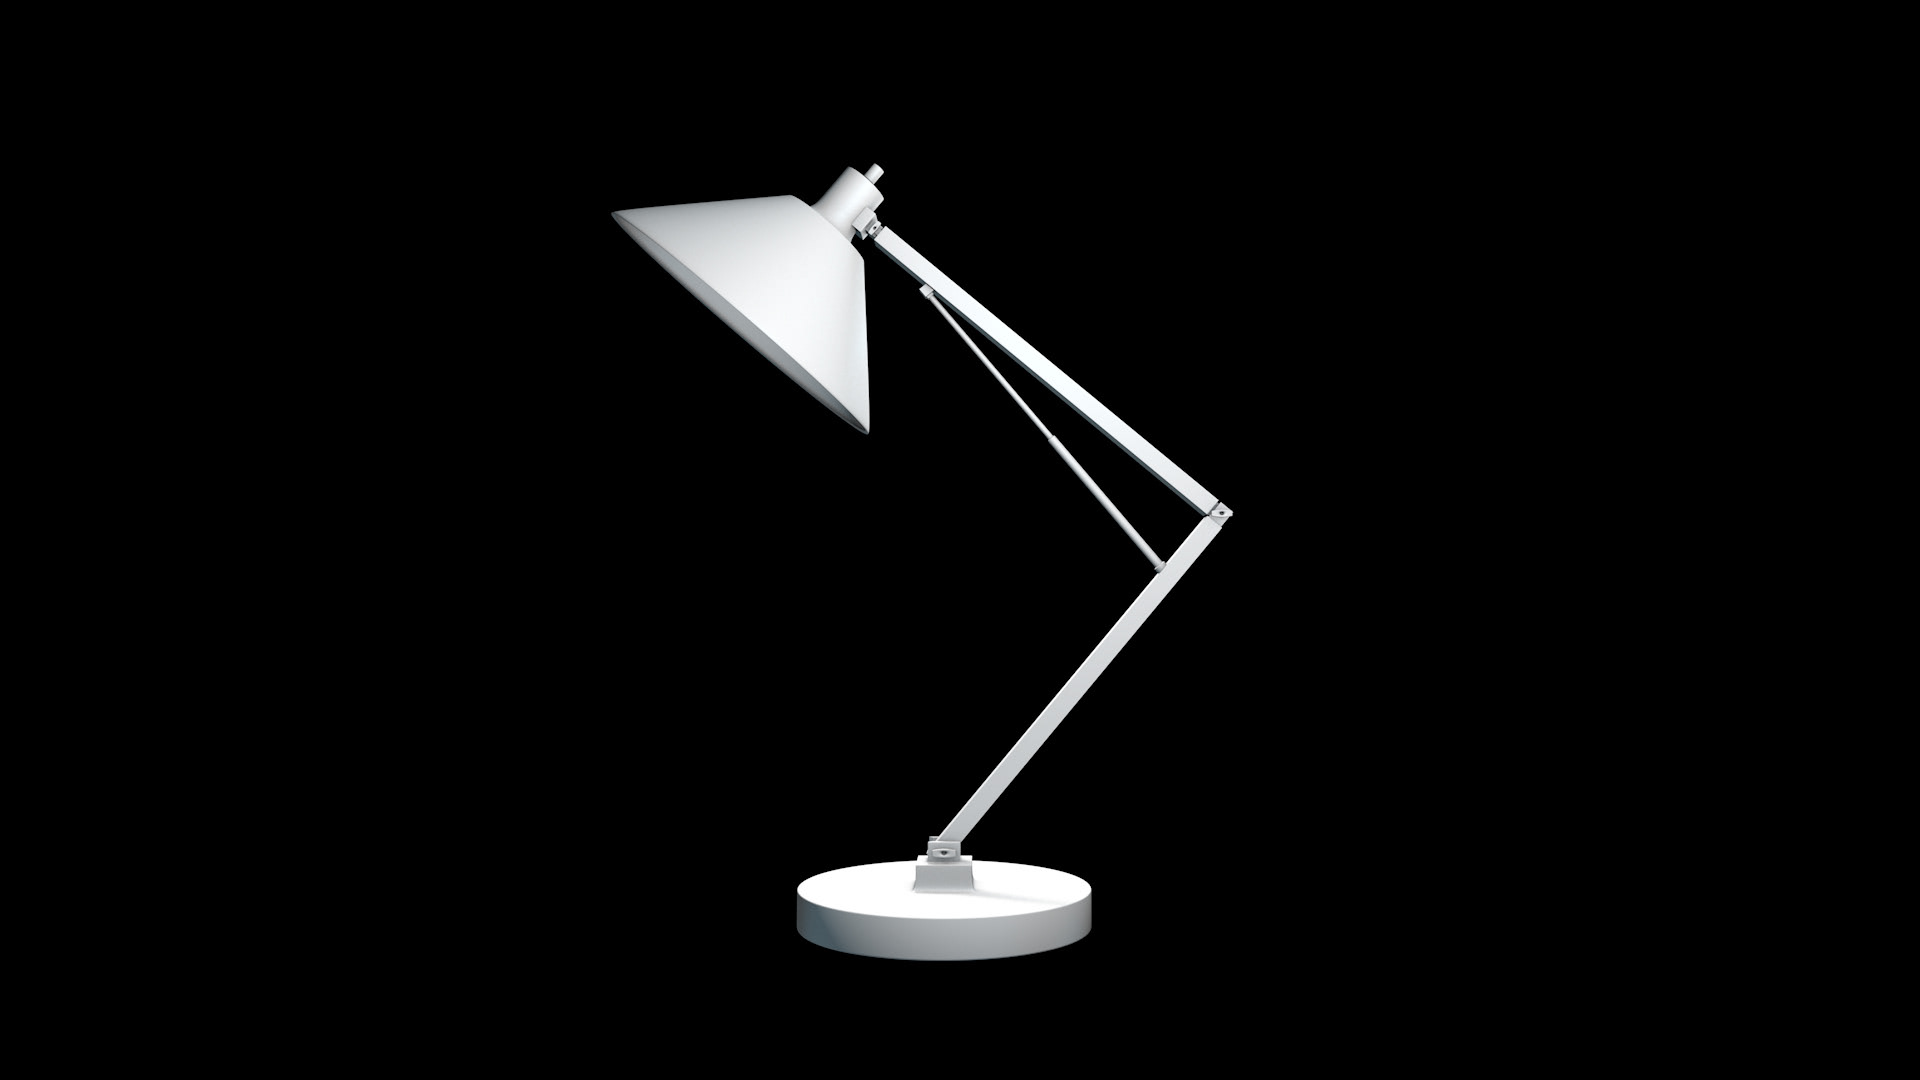 Lamp_03.jpg